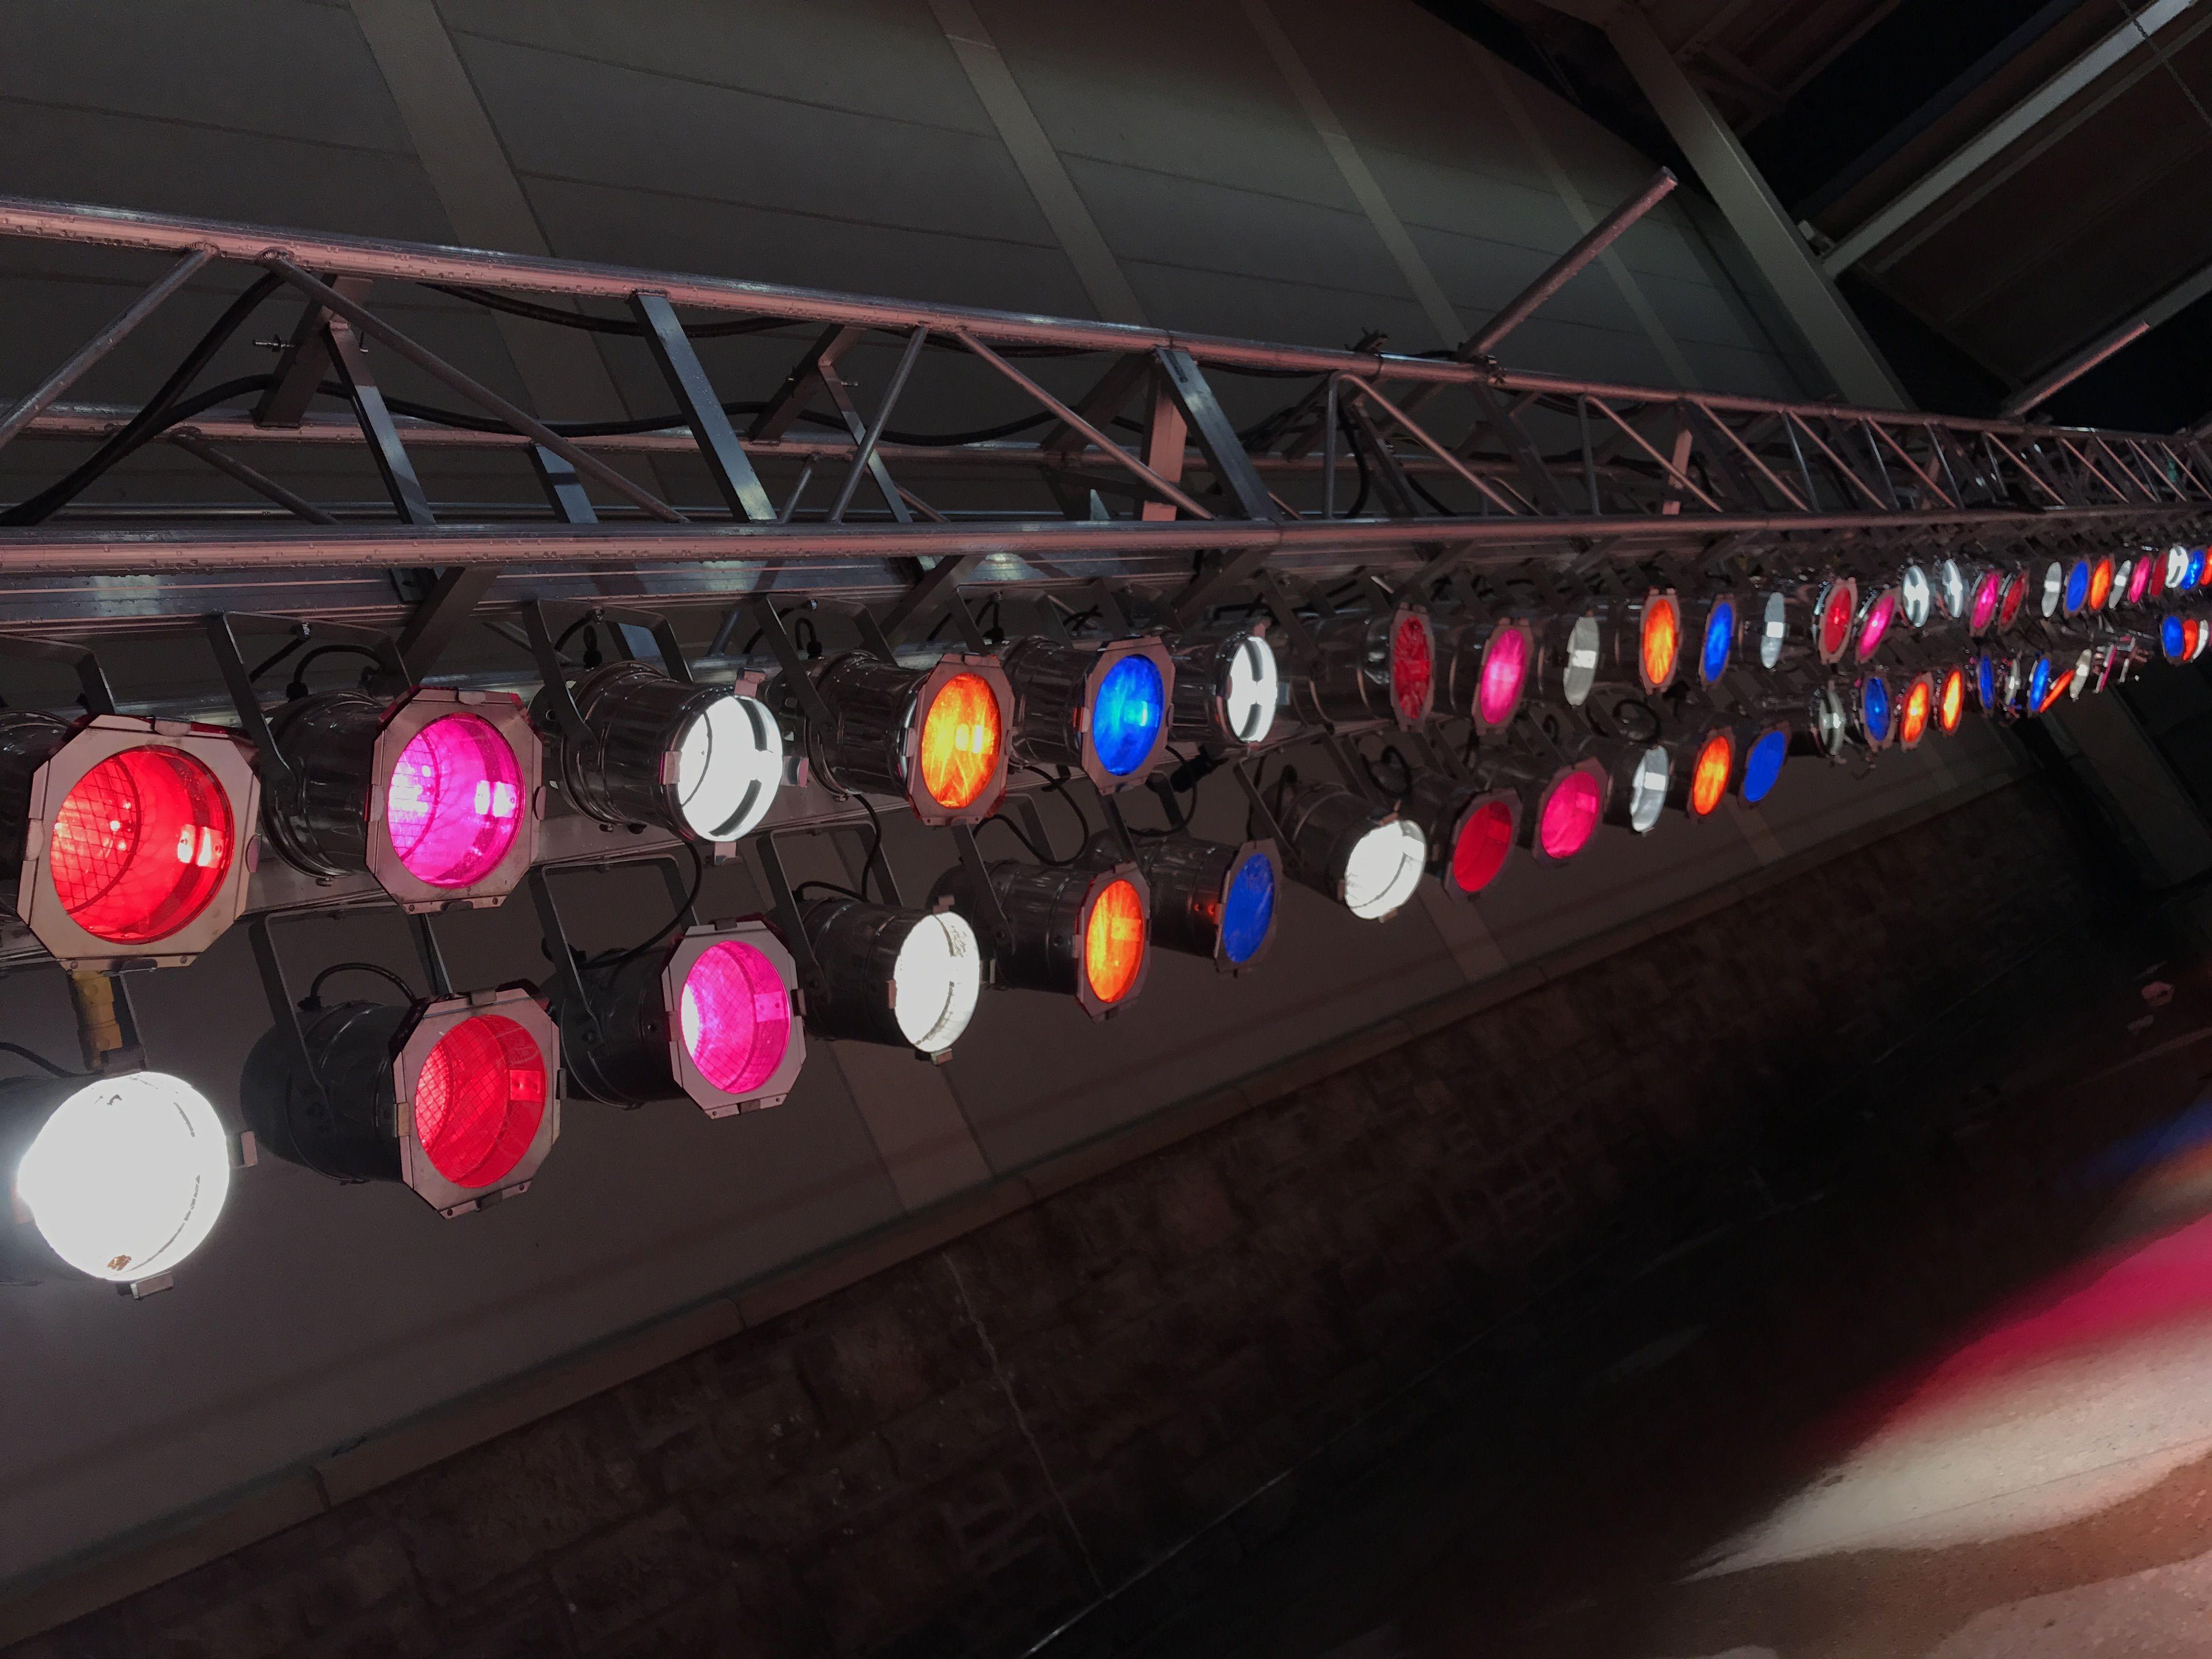 120k Concert Lighting Rig In 2019 Lights Stage